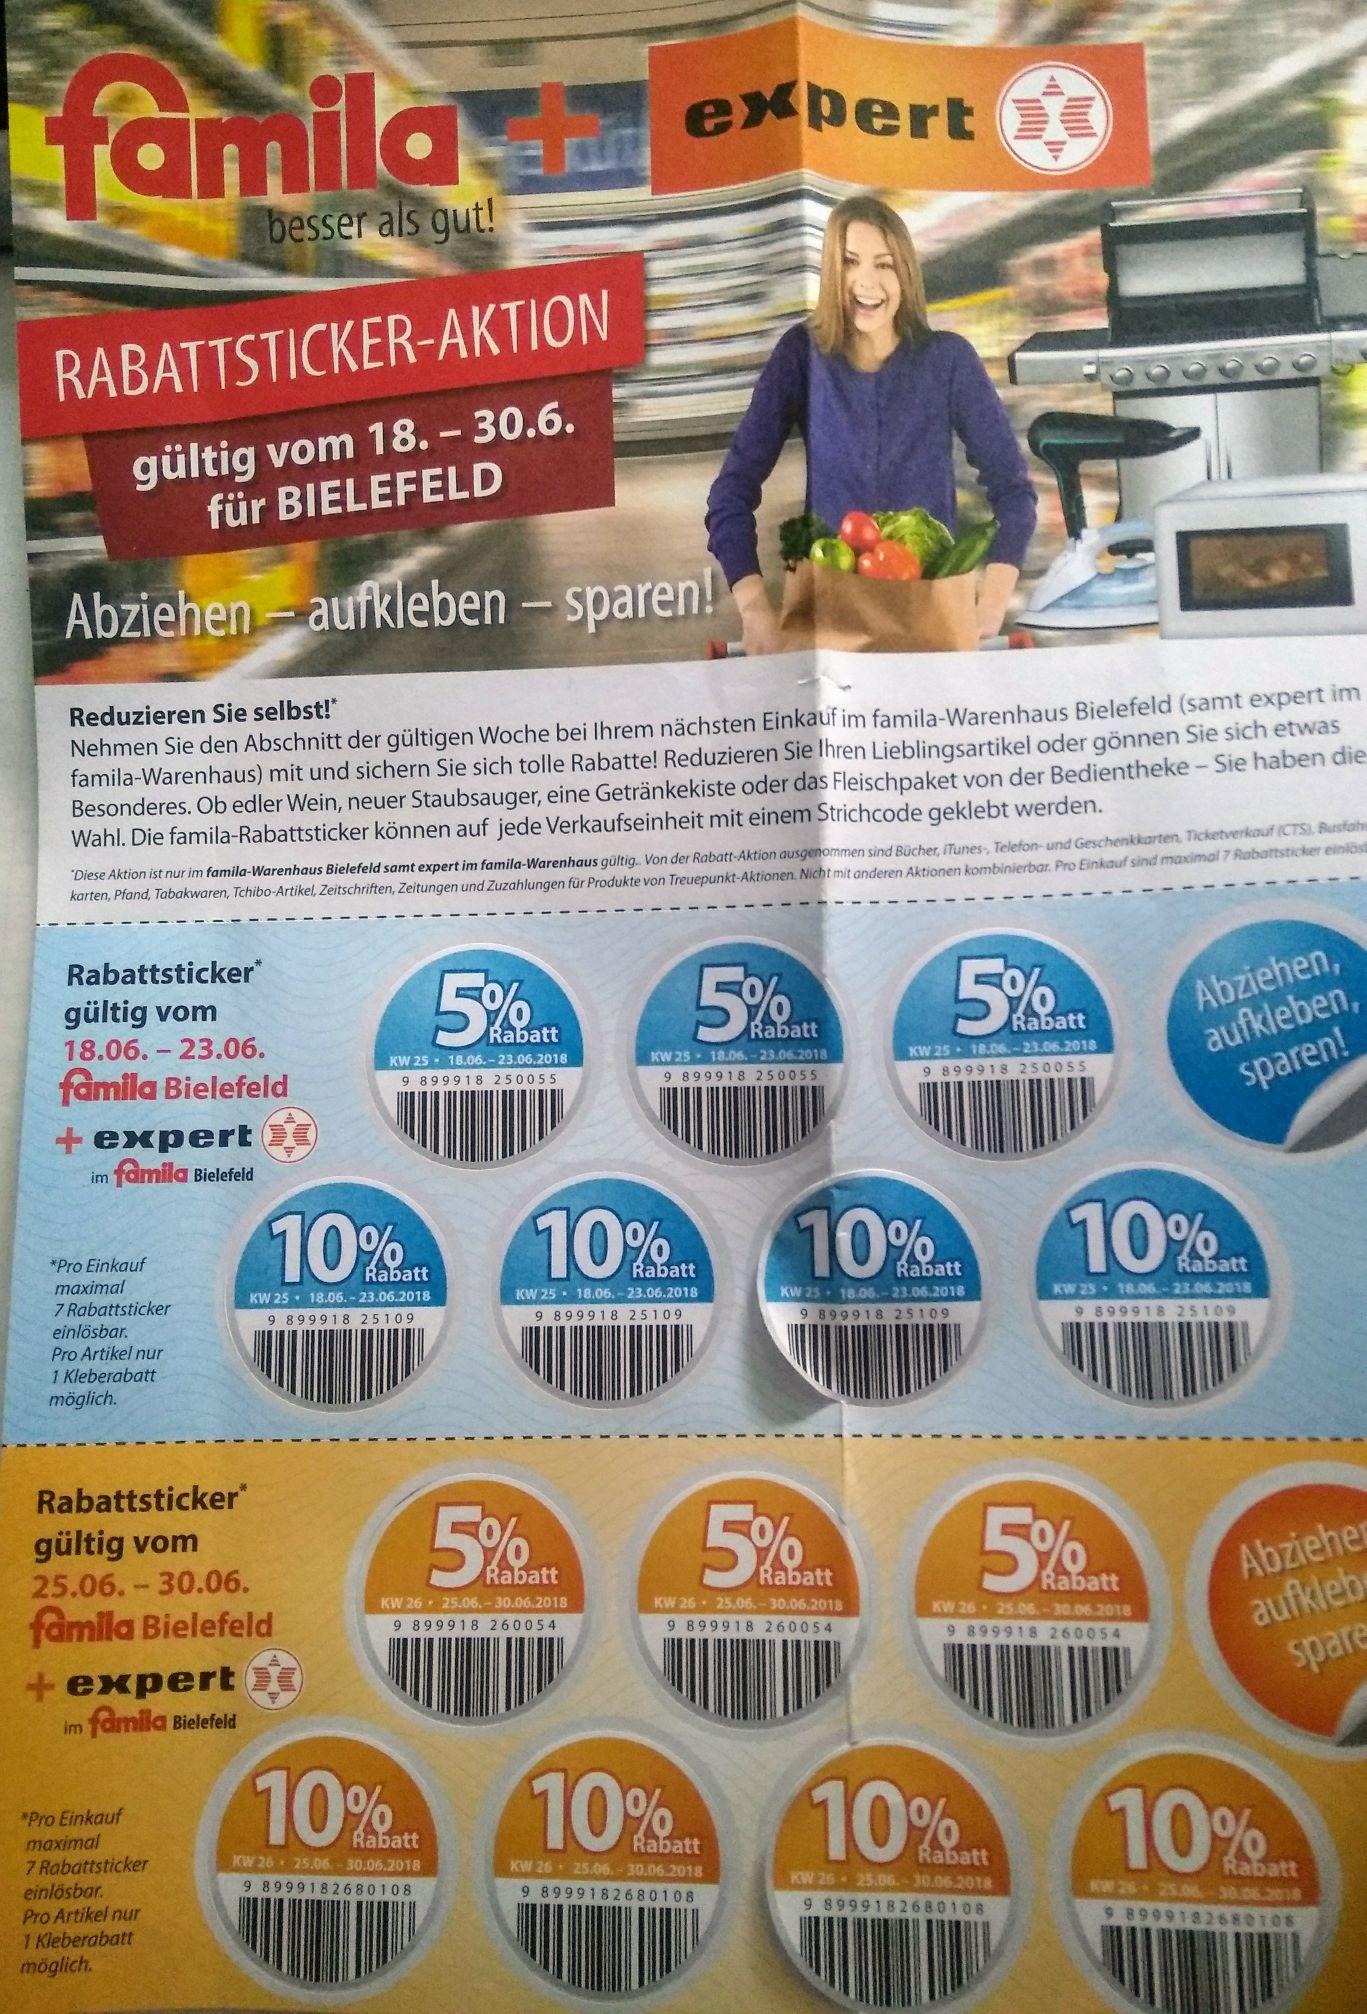 [LOKAL] [Bielefeld Famila+Expert] 5%-10% auf ein Artikel zusätzlich sparen